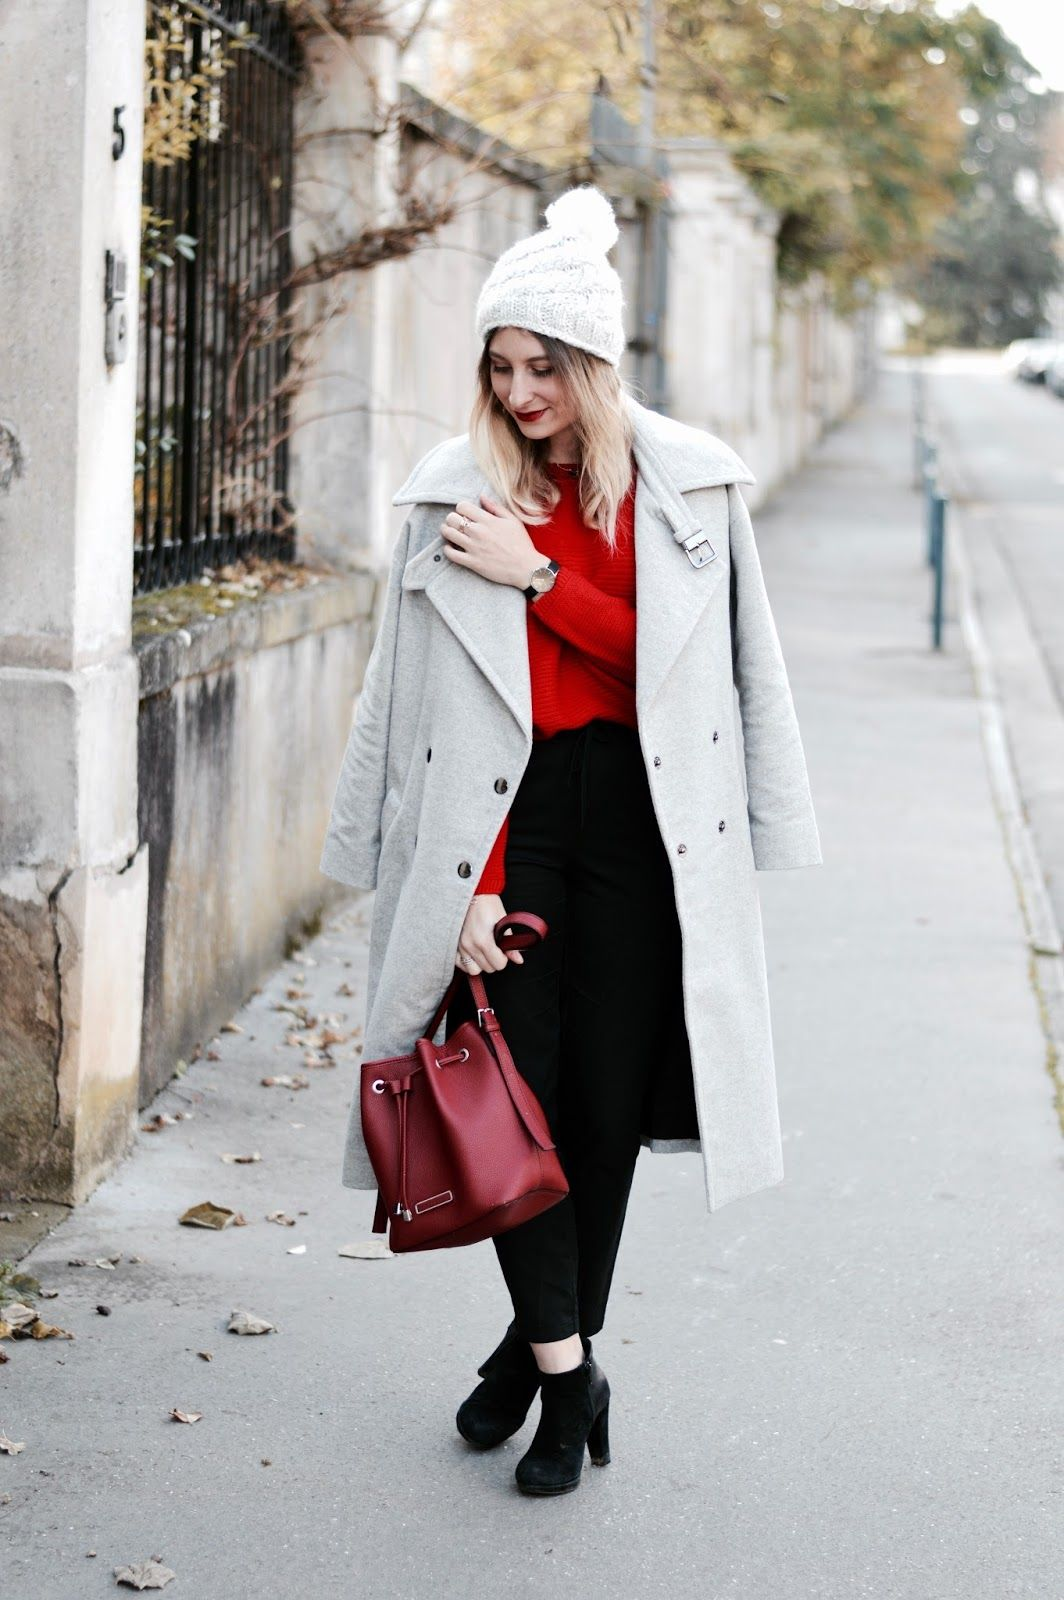 Manteau gris 2017